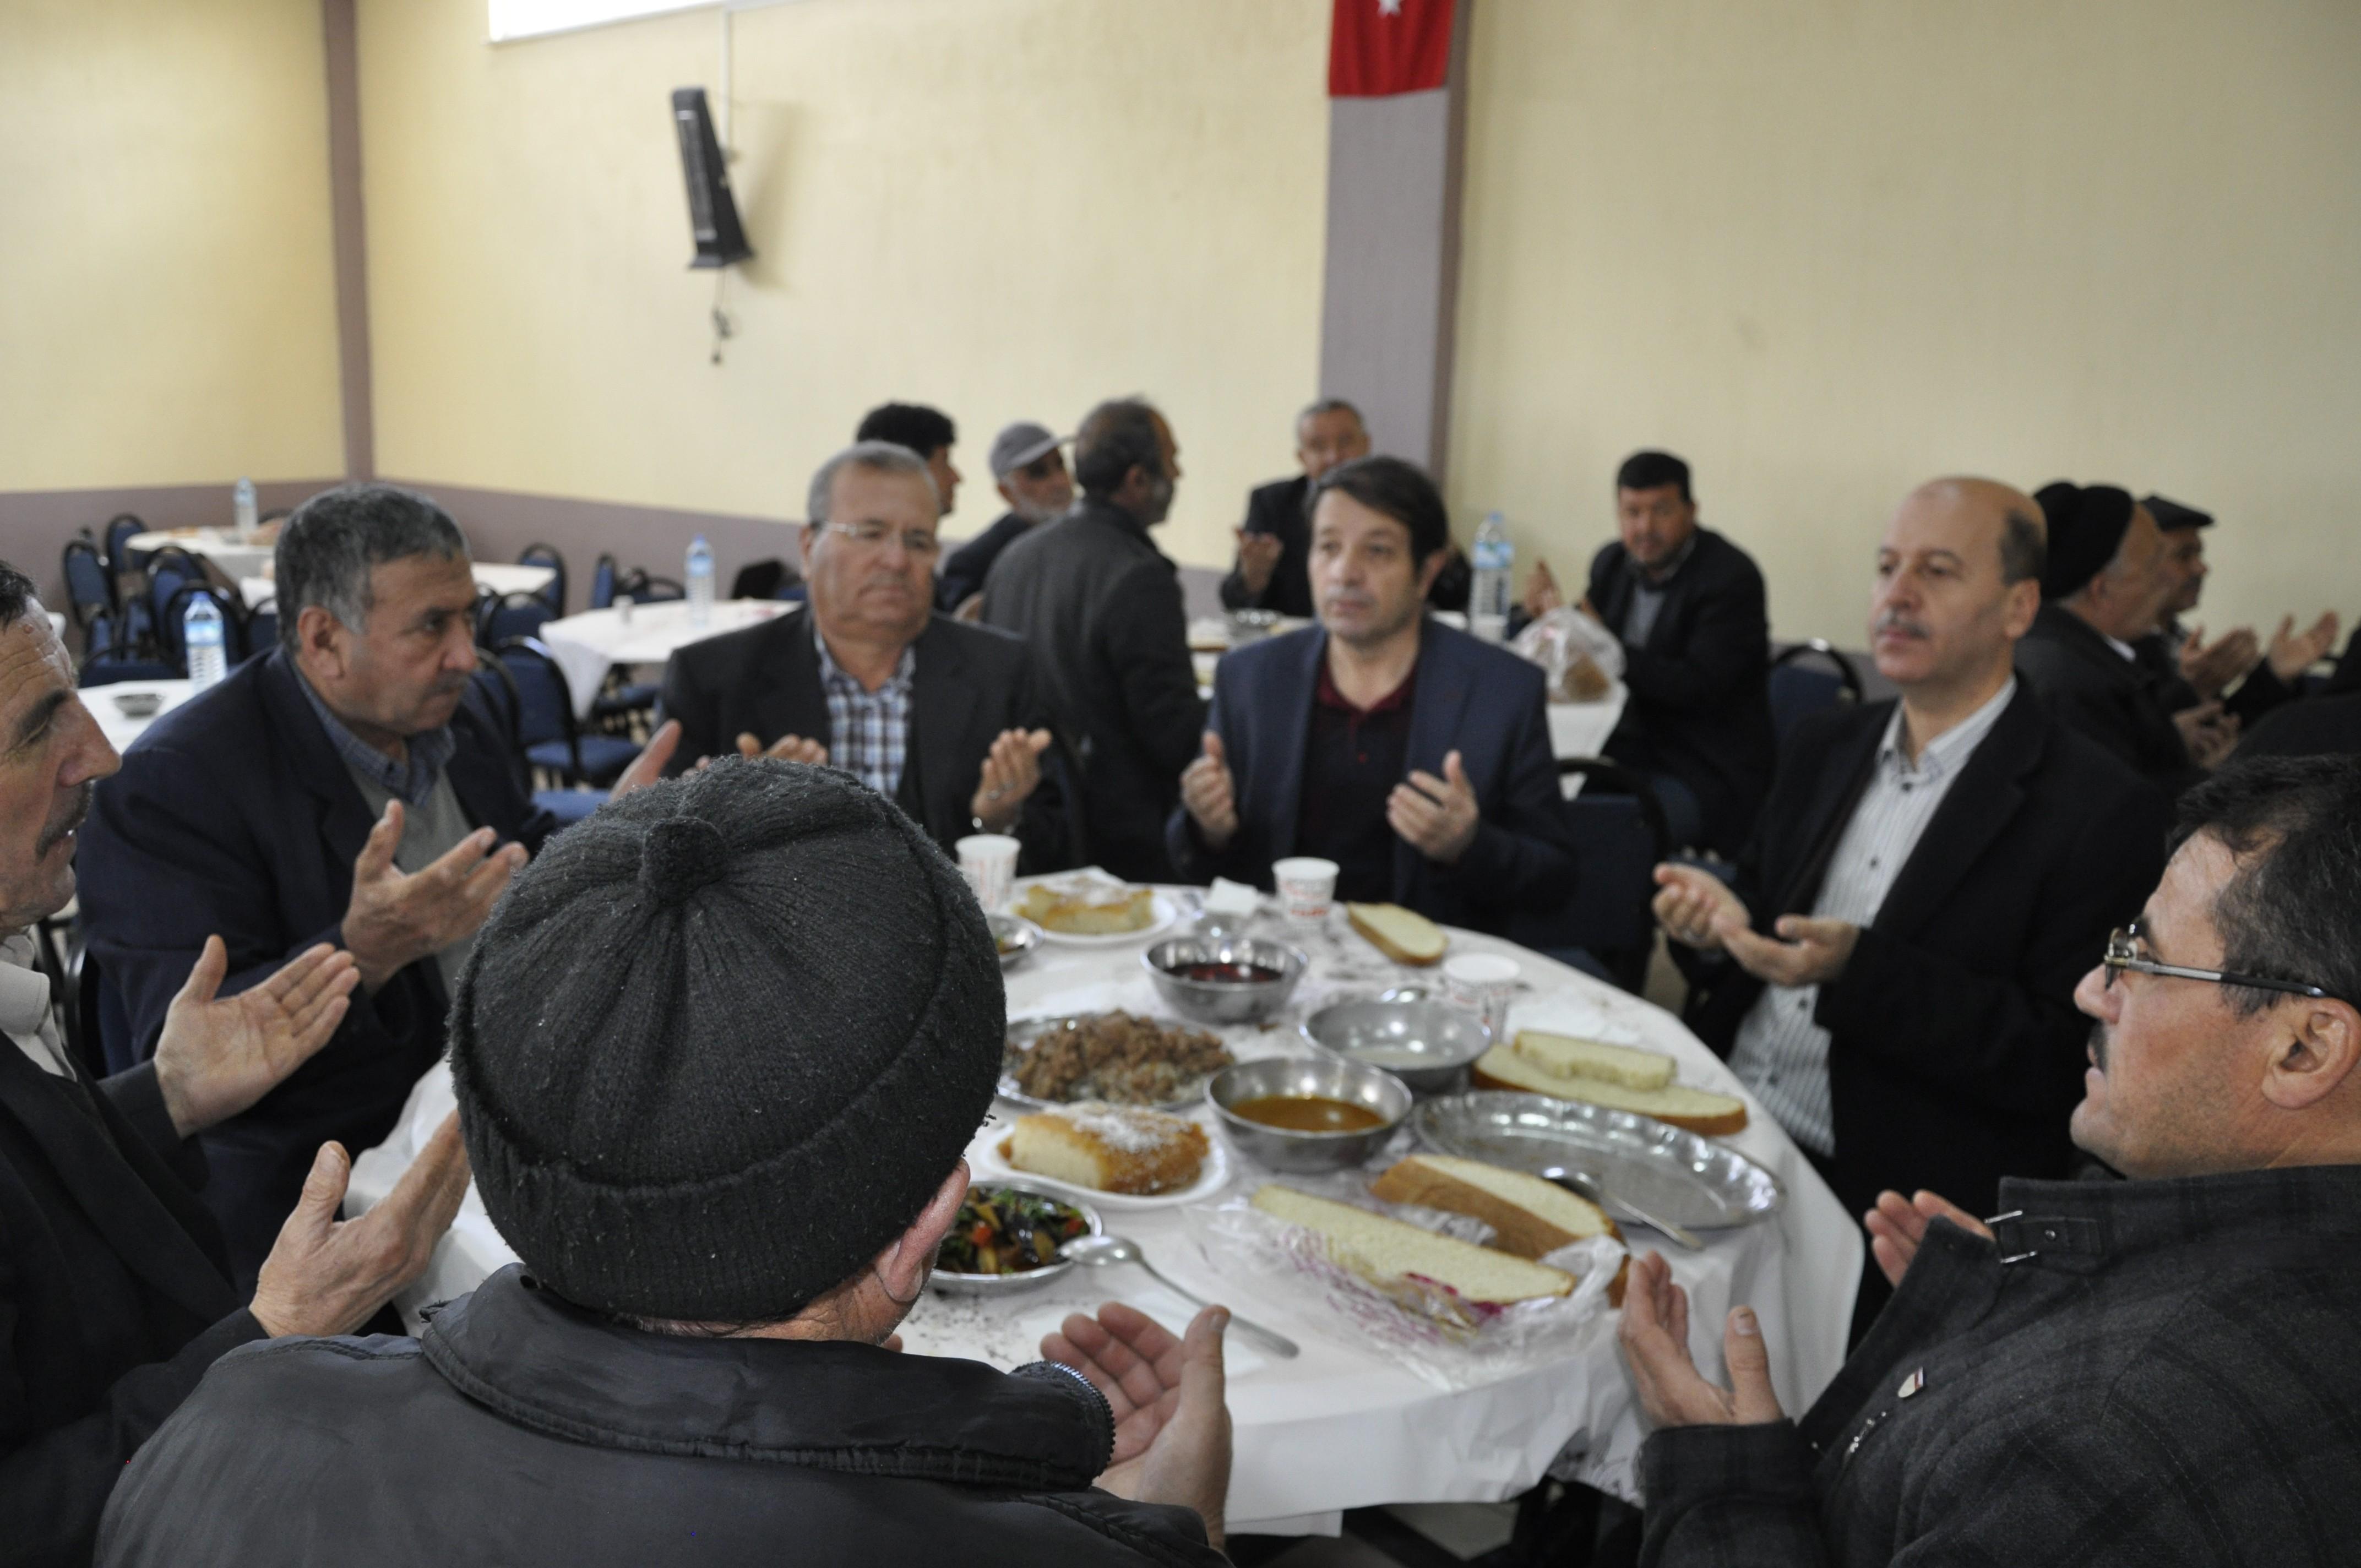 BAŞKAN BOZKURT, MUHTAR ÇELİK'İN MEVLİD-İ ŞERİF PROGRAMINA KATILDI